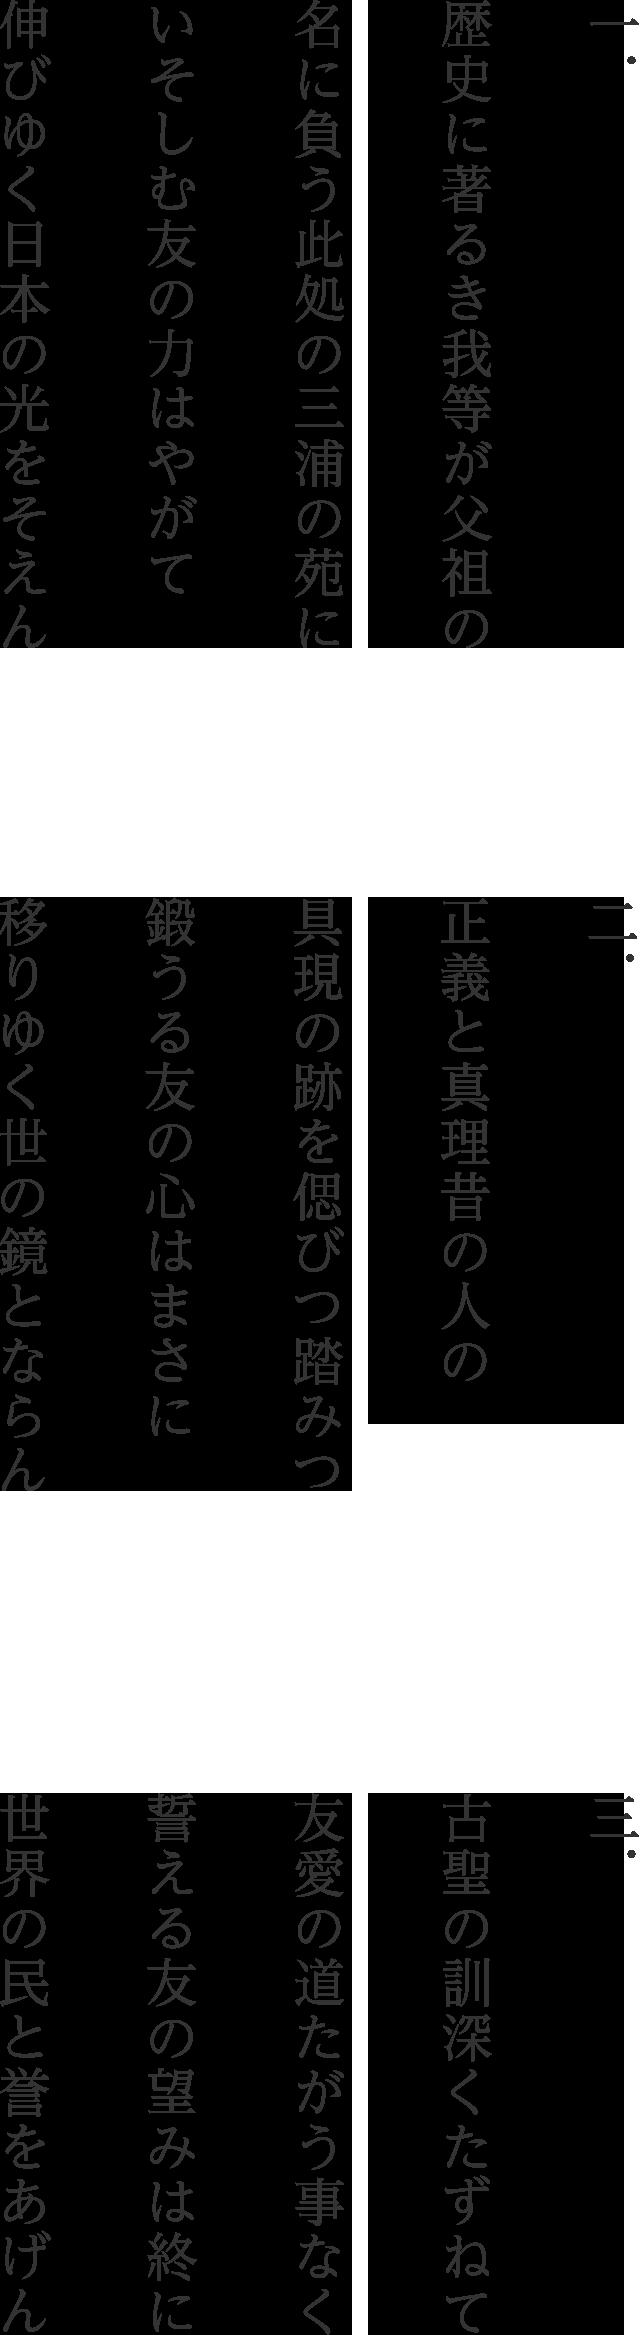 一.歴史に著るき我等が父祖の名に負う此処の三浦の苑にいそしむ友の力はやがて伸びゆく日本の光をそえん 二.正義と真理昔の人の具現の跡を偲びつ踏みつ鍛うる友の心はまさに移りゆく世の鏡とならん 三.古聖の訓深くたずねて友愛の道たがう事なく誓える友の望みは終に世界の民と誉をあげん